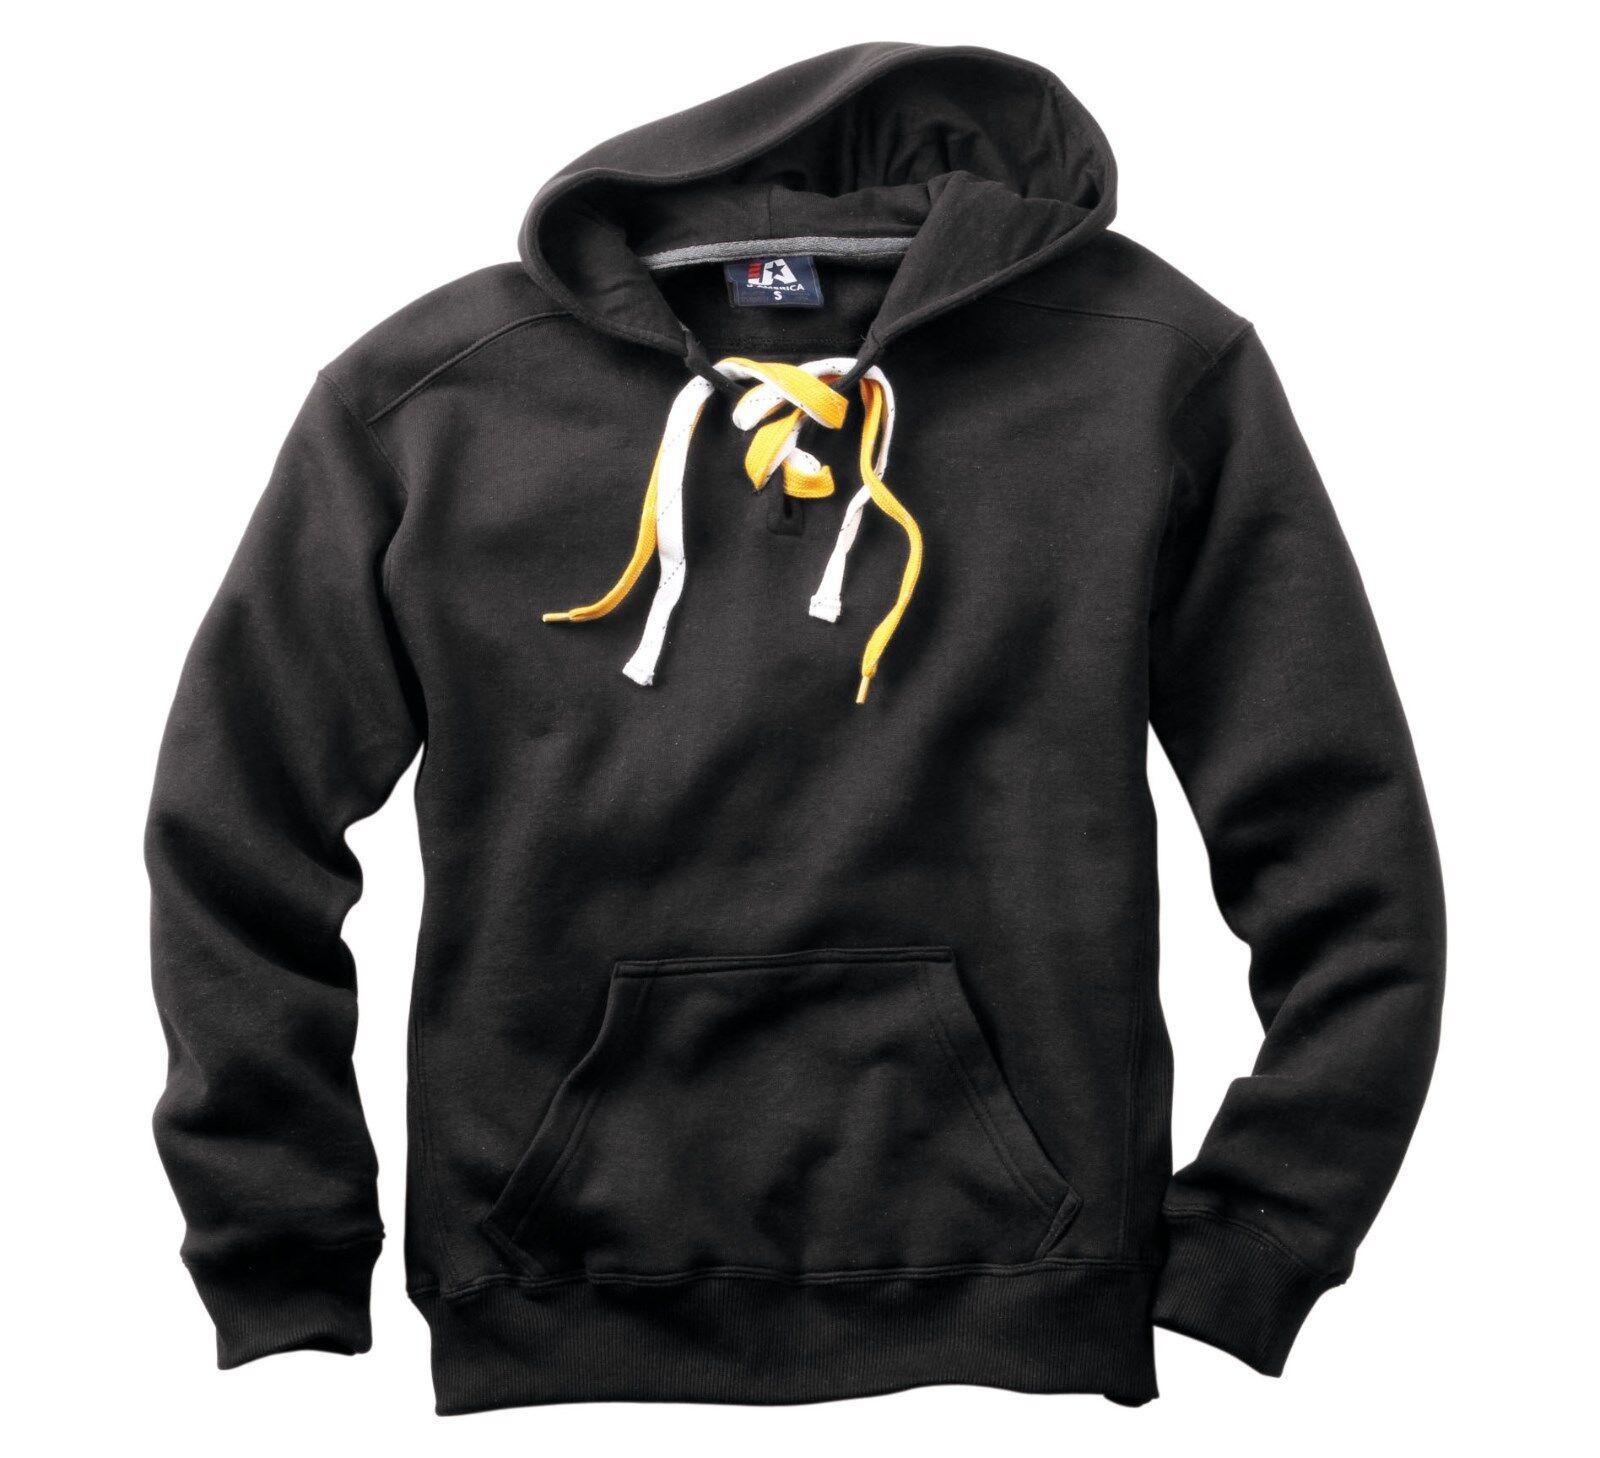 Hockey Sweatshirts Laces Wholesale